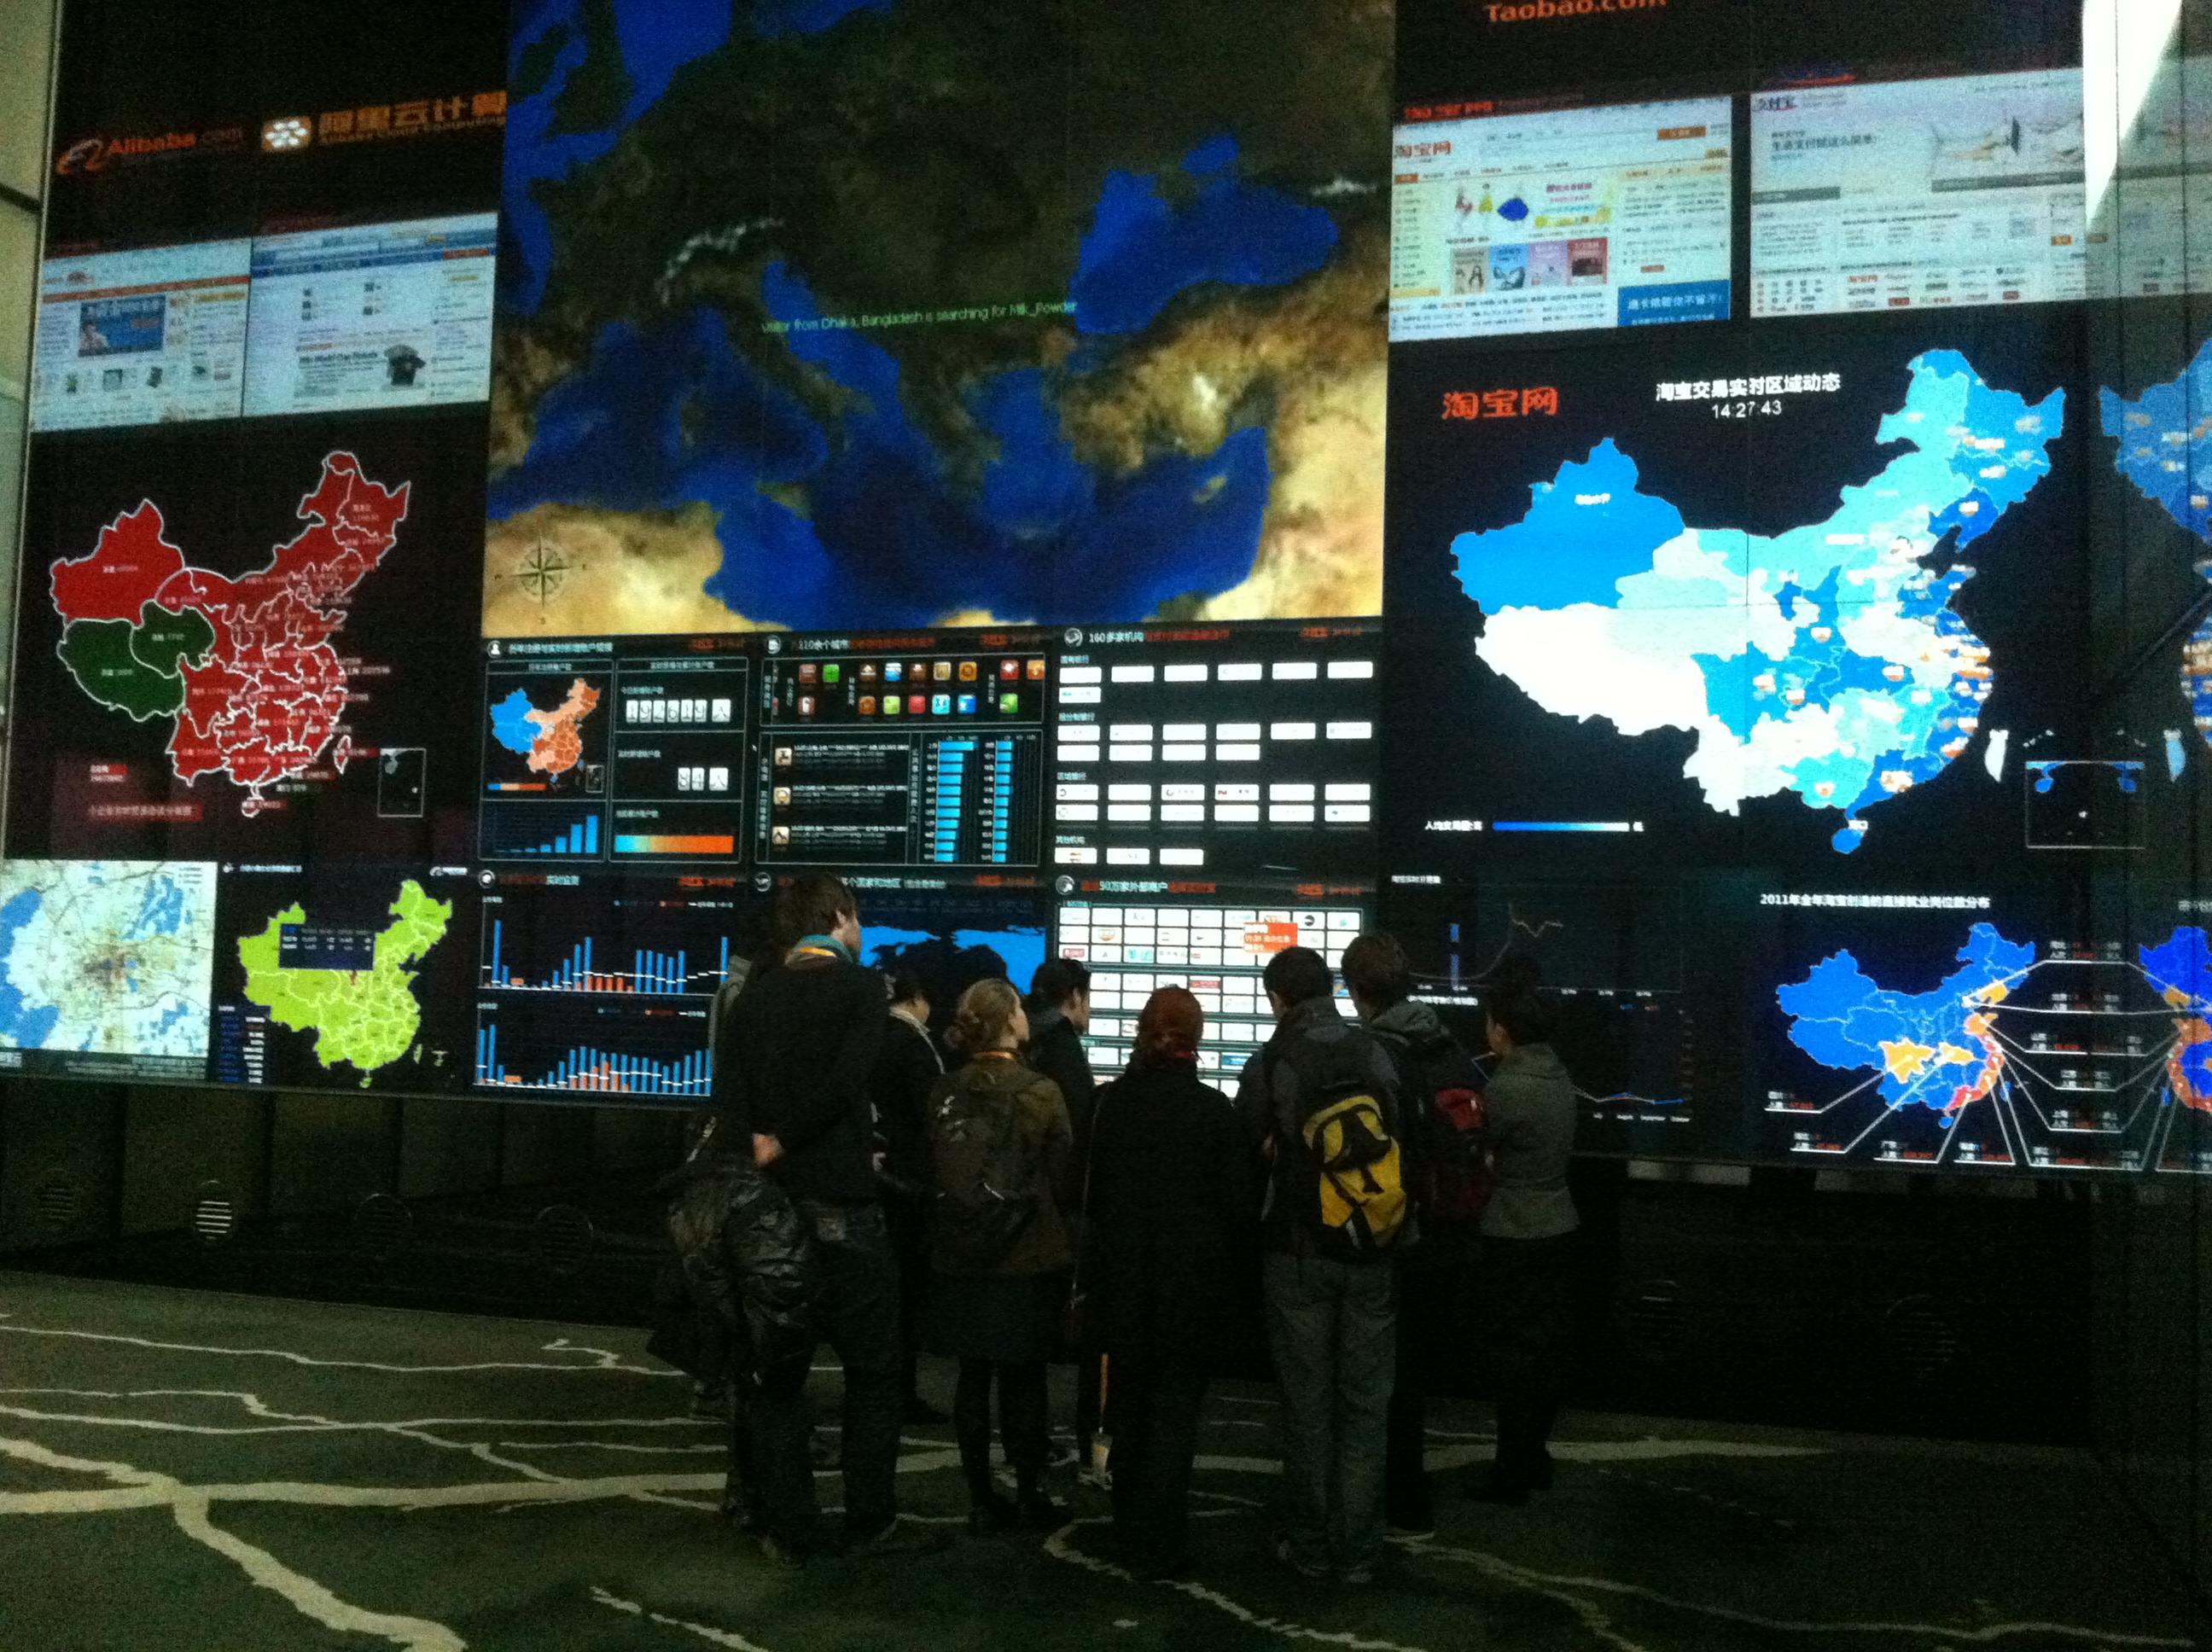 Unsere Medienbotschaftergruppe vor der Datenwand bei Alibaba.com in Hangzhou